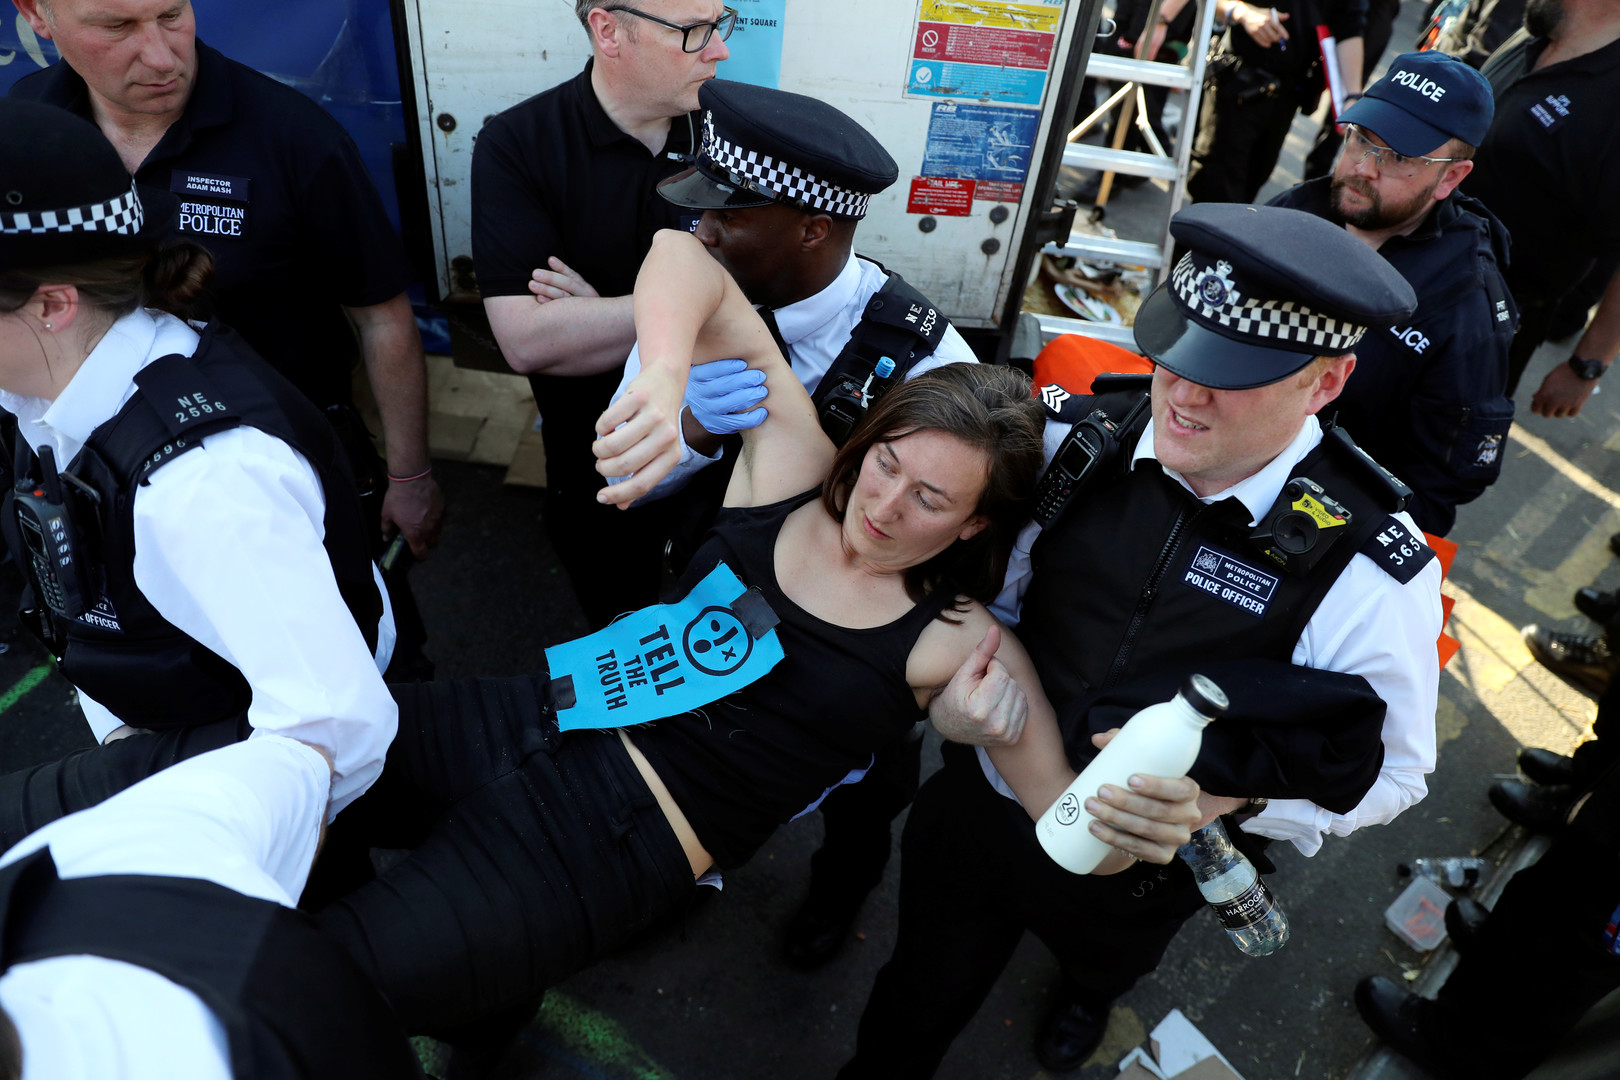 توقيف ناشطة لحماية البيئة في لندن